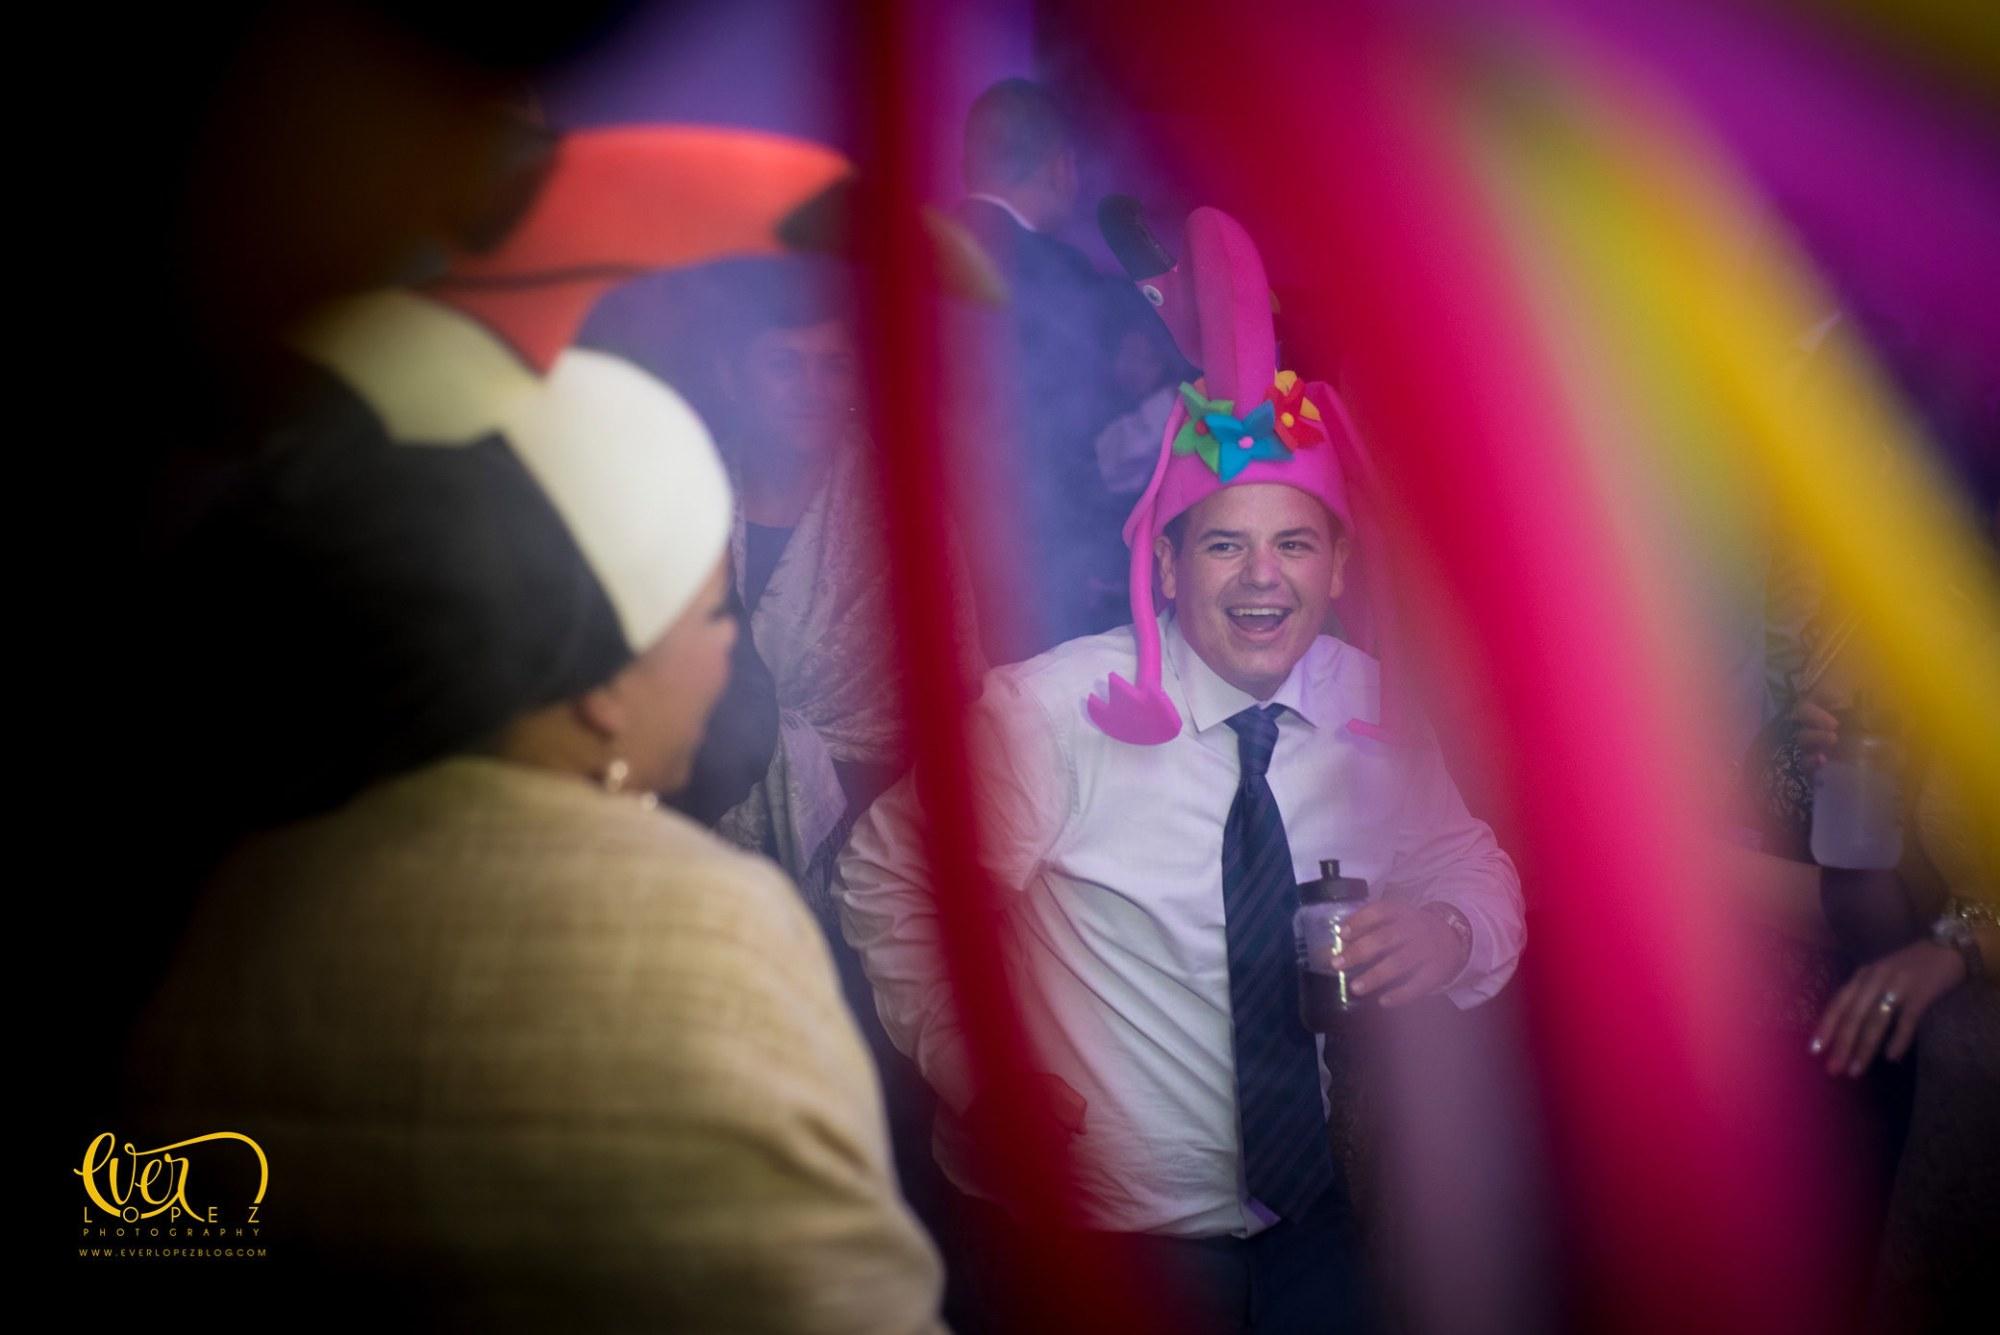 Ever Lopez fotografo de bodas en Guadalajara